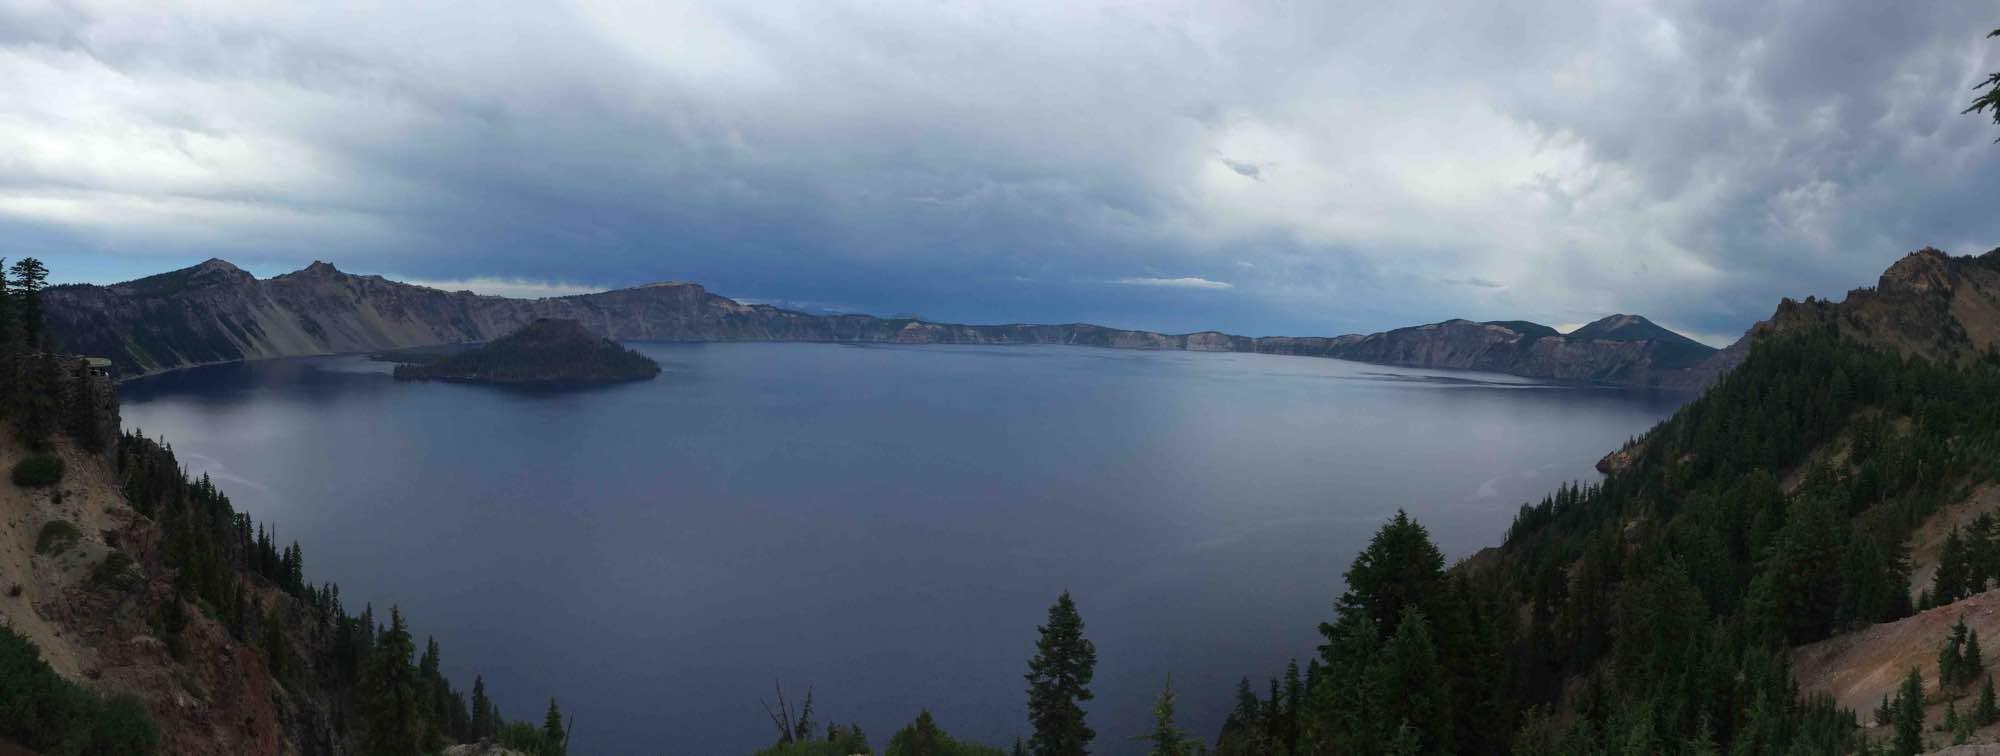 Crater Lake Hiking Tours